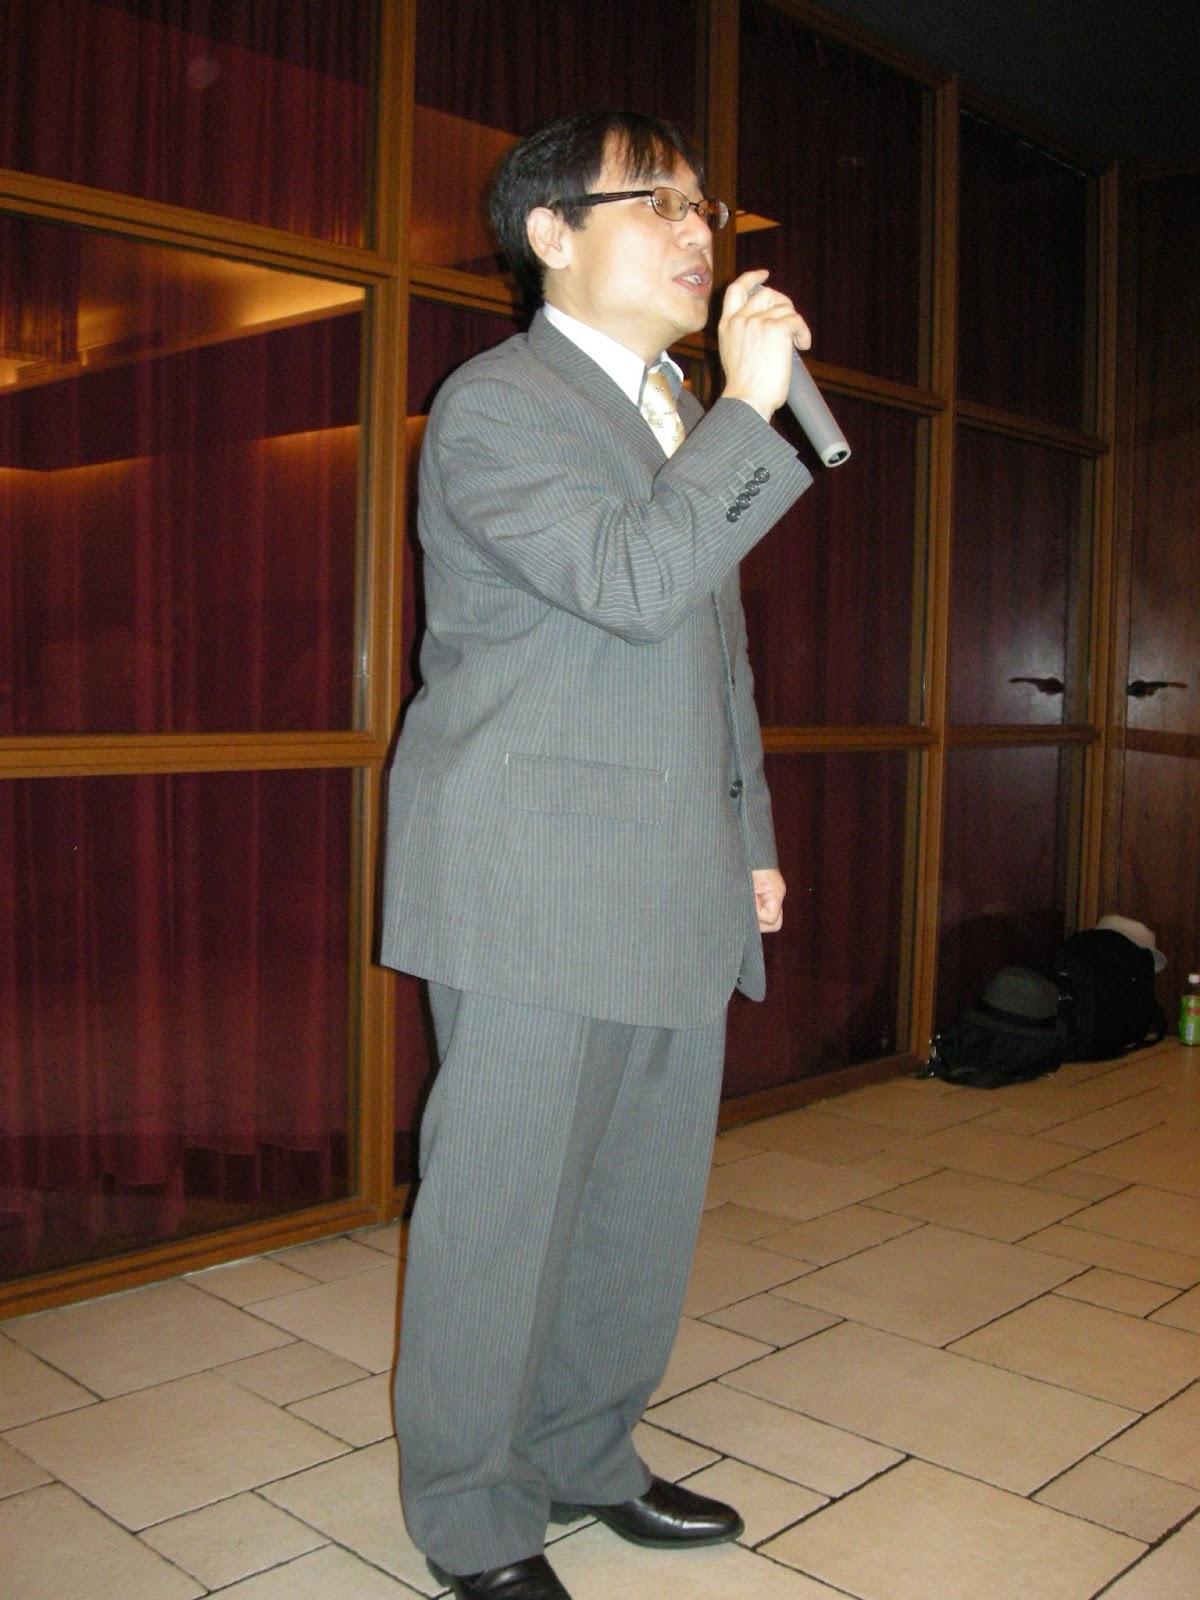 第 65 回 江戸川 乱歩 賞